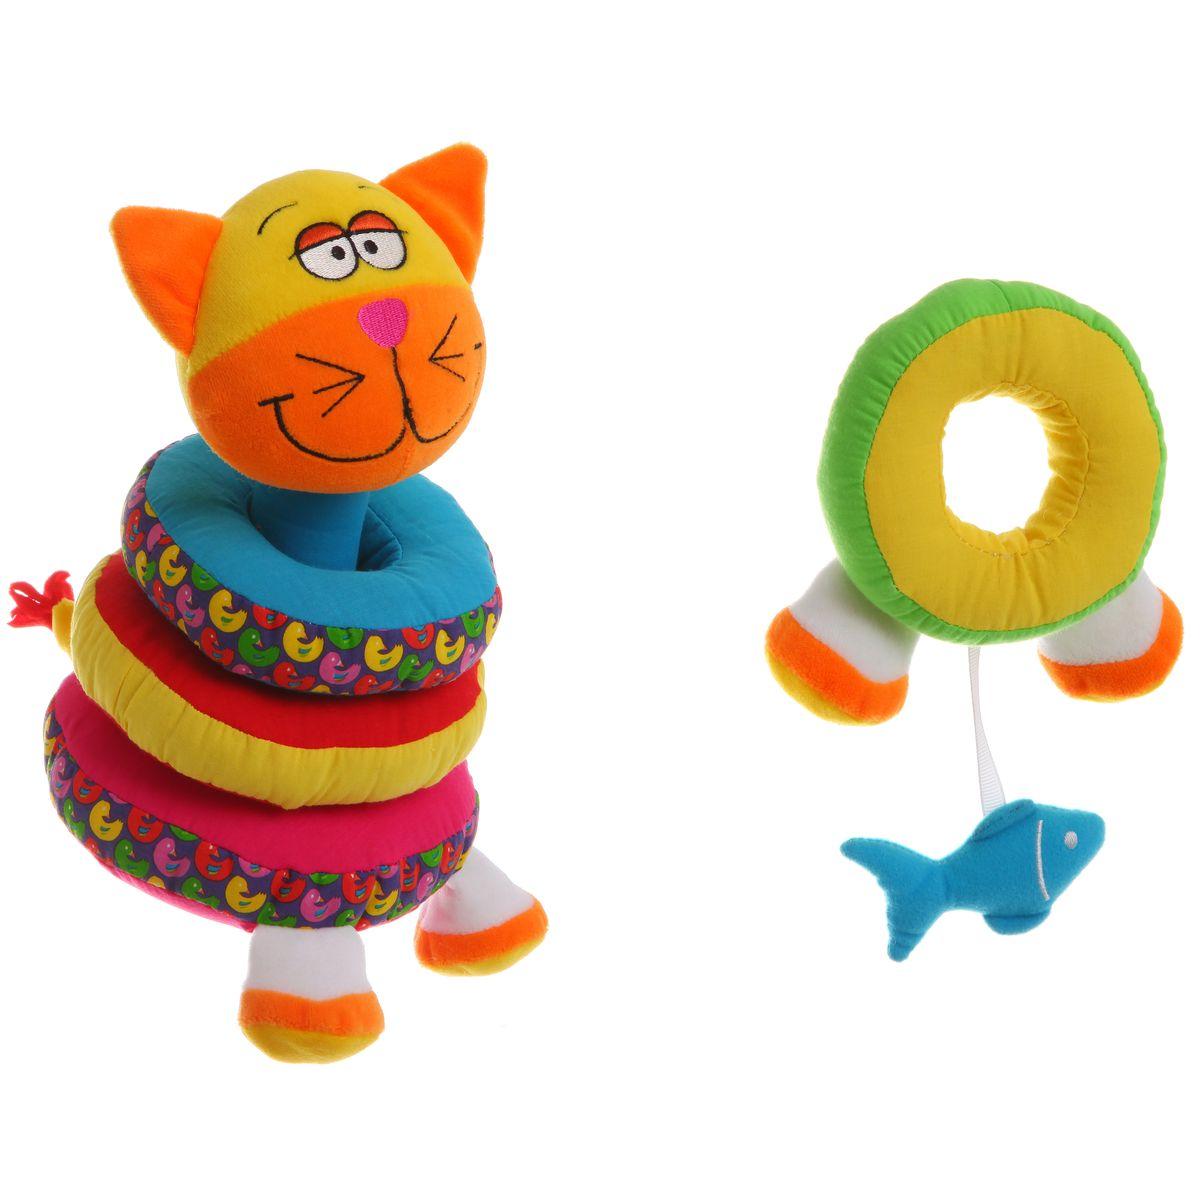 Bondibon Мягкая пирамидка КотВВ1292Мягкая пирамидка - это замечательная развивающая игрушка для малышей. Она выполнена в ярких цветах в форме кота, и отлично развивает мелкую моторику малыша, учит отличать цвета, дает первый тактильный опыт. Если потрясти пирамидку, то она будет греметь, а также ее можно разобрать на части. Такая игрушка станет отличным подарком для вашего малыша!